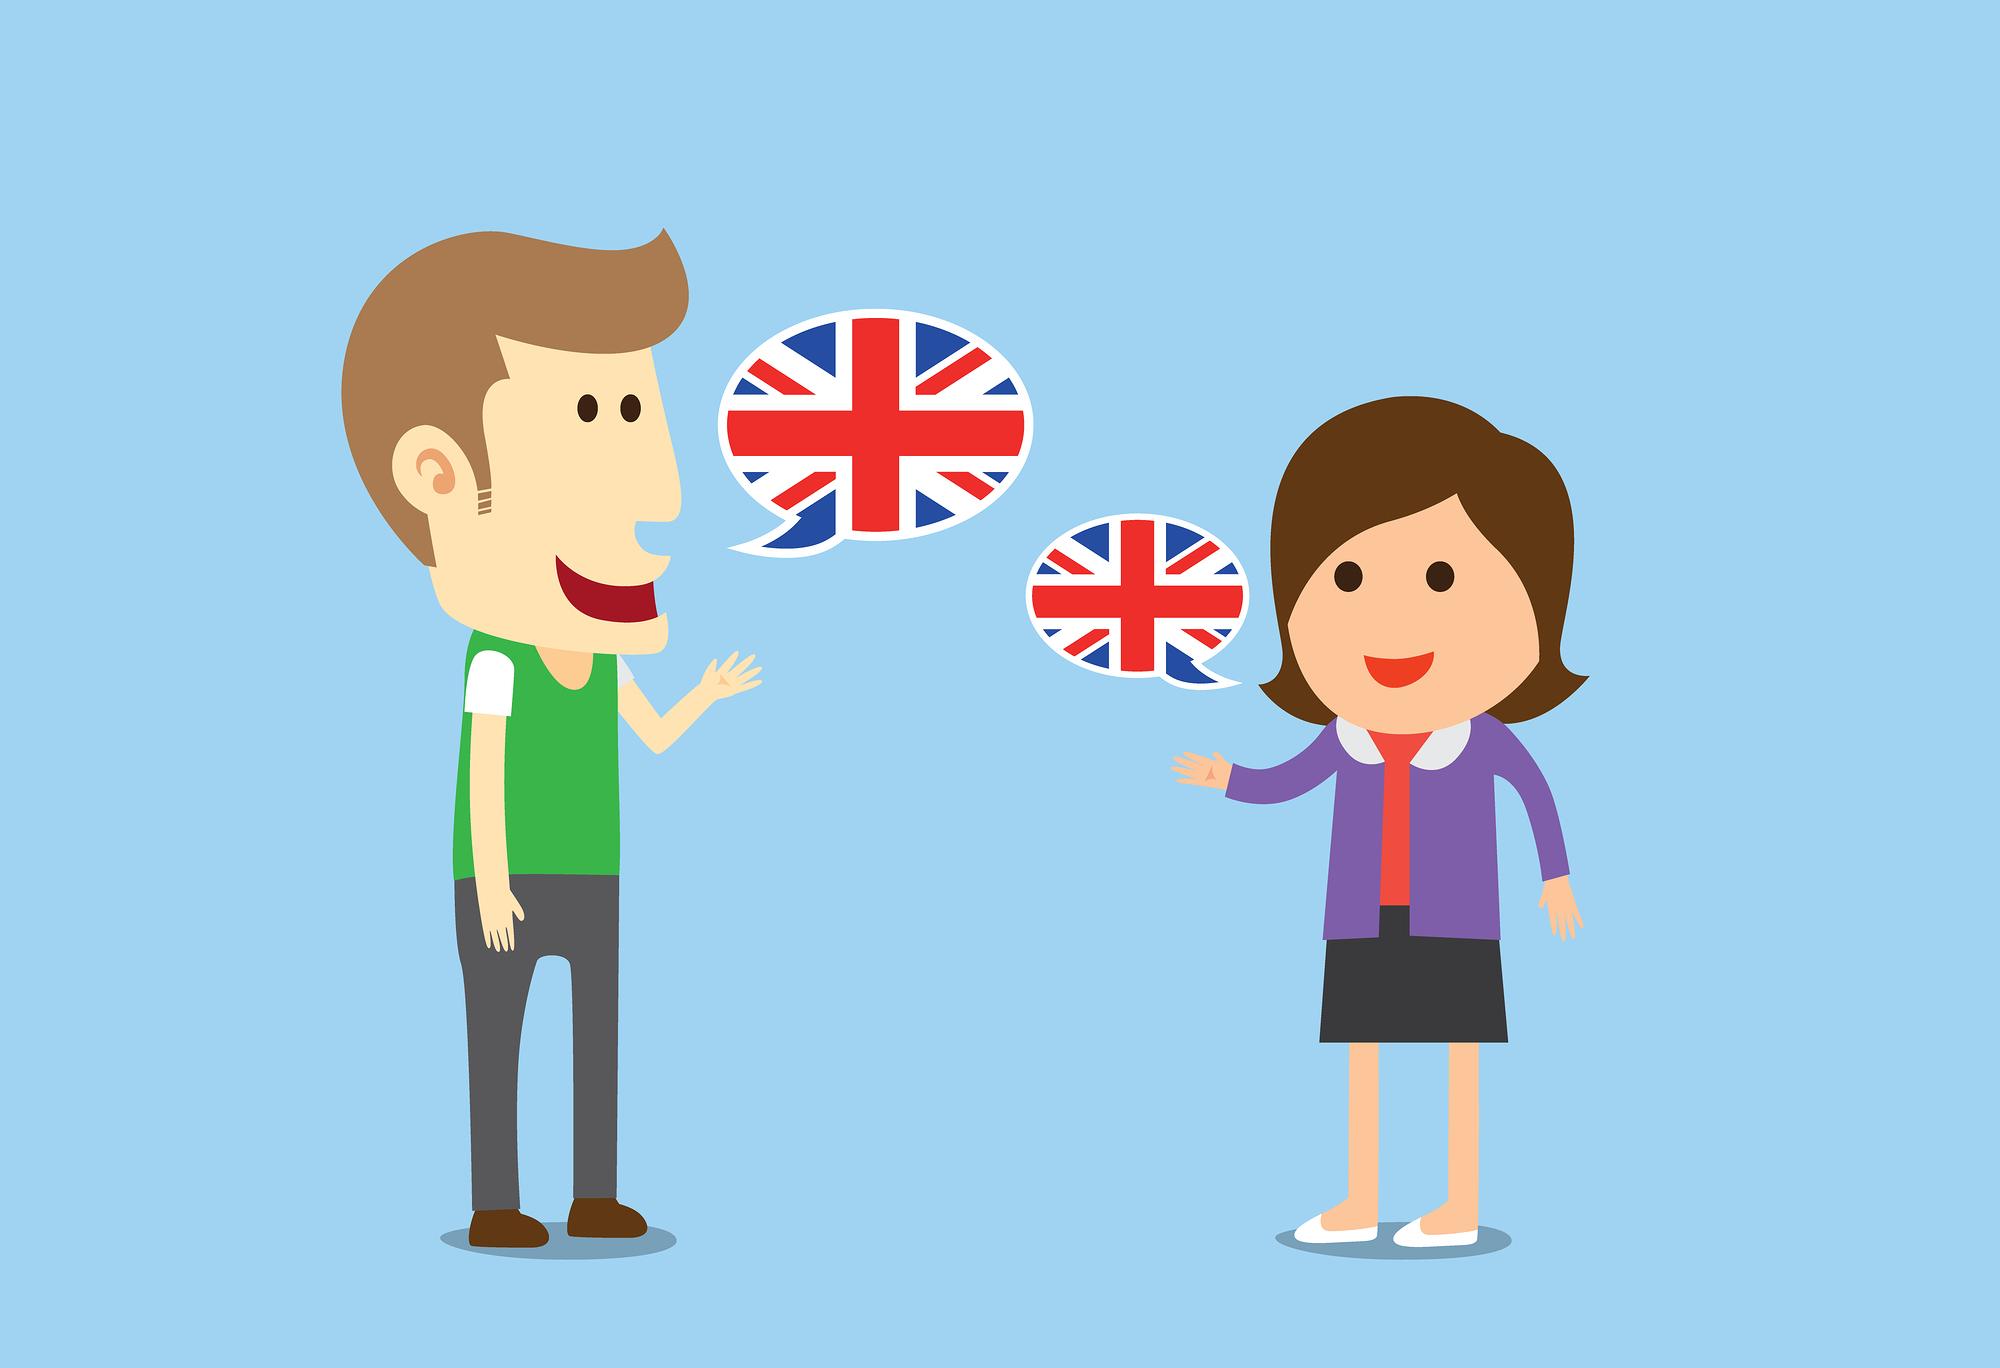 Việc thường xuyên sử dụng ngôn ngữ này sẽ giúp bạn có những phản xạ tốt hơn trong việc nói tiếng Anh.